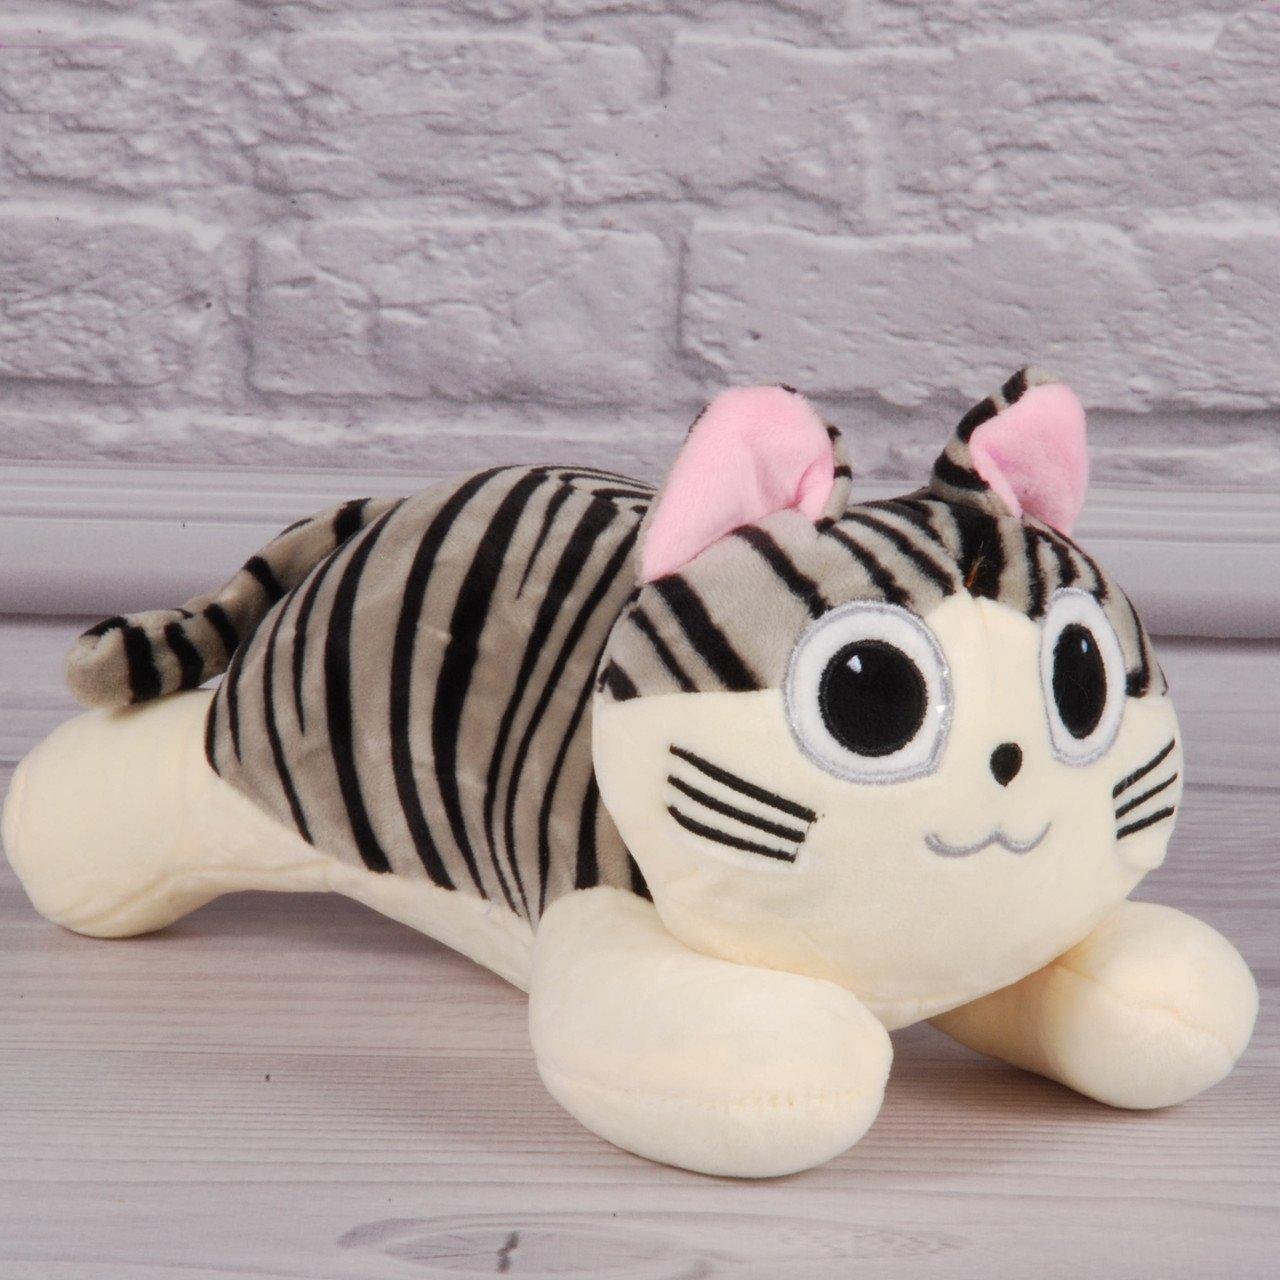 24982-21 Мягкая игрушка Котик Лунита 45 см тм Копиця